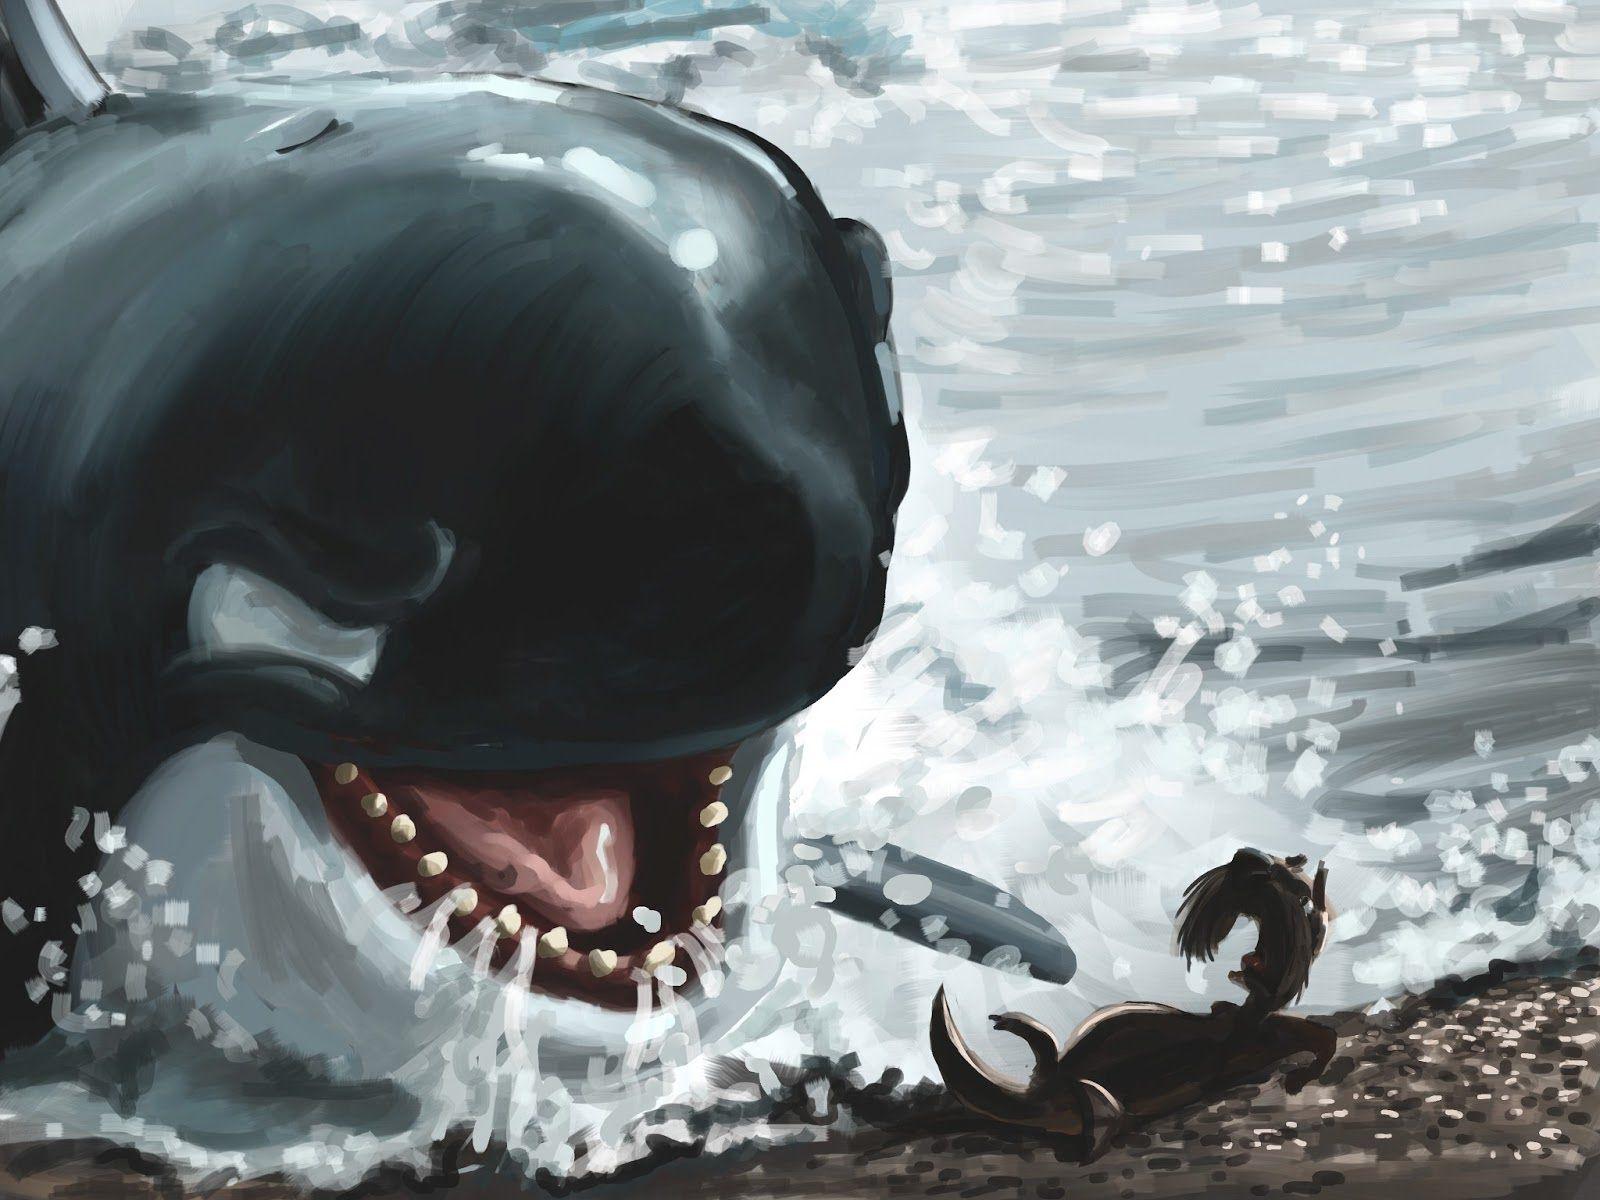 Killer Whale Documentary [ Full Documentary ] 3:50-5:00 octopus;5:00 wolf eel;6:39-7:30,11:16-12:30 killer whale